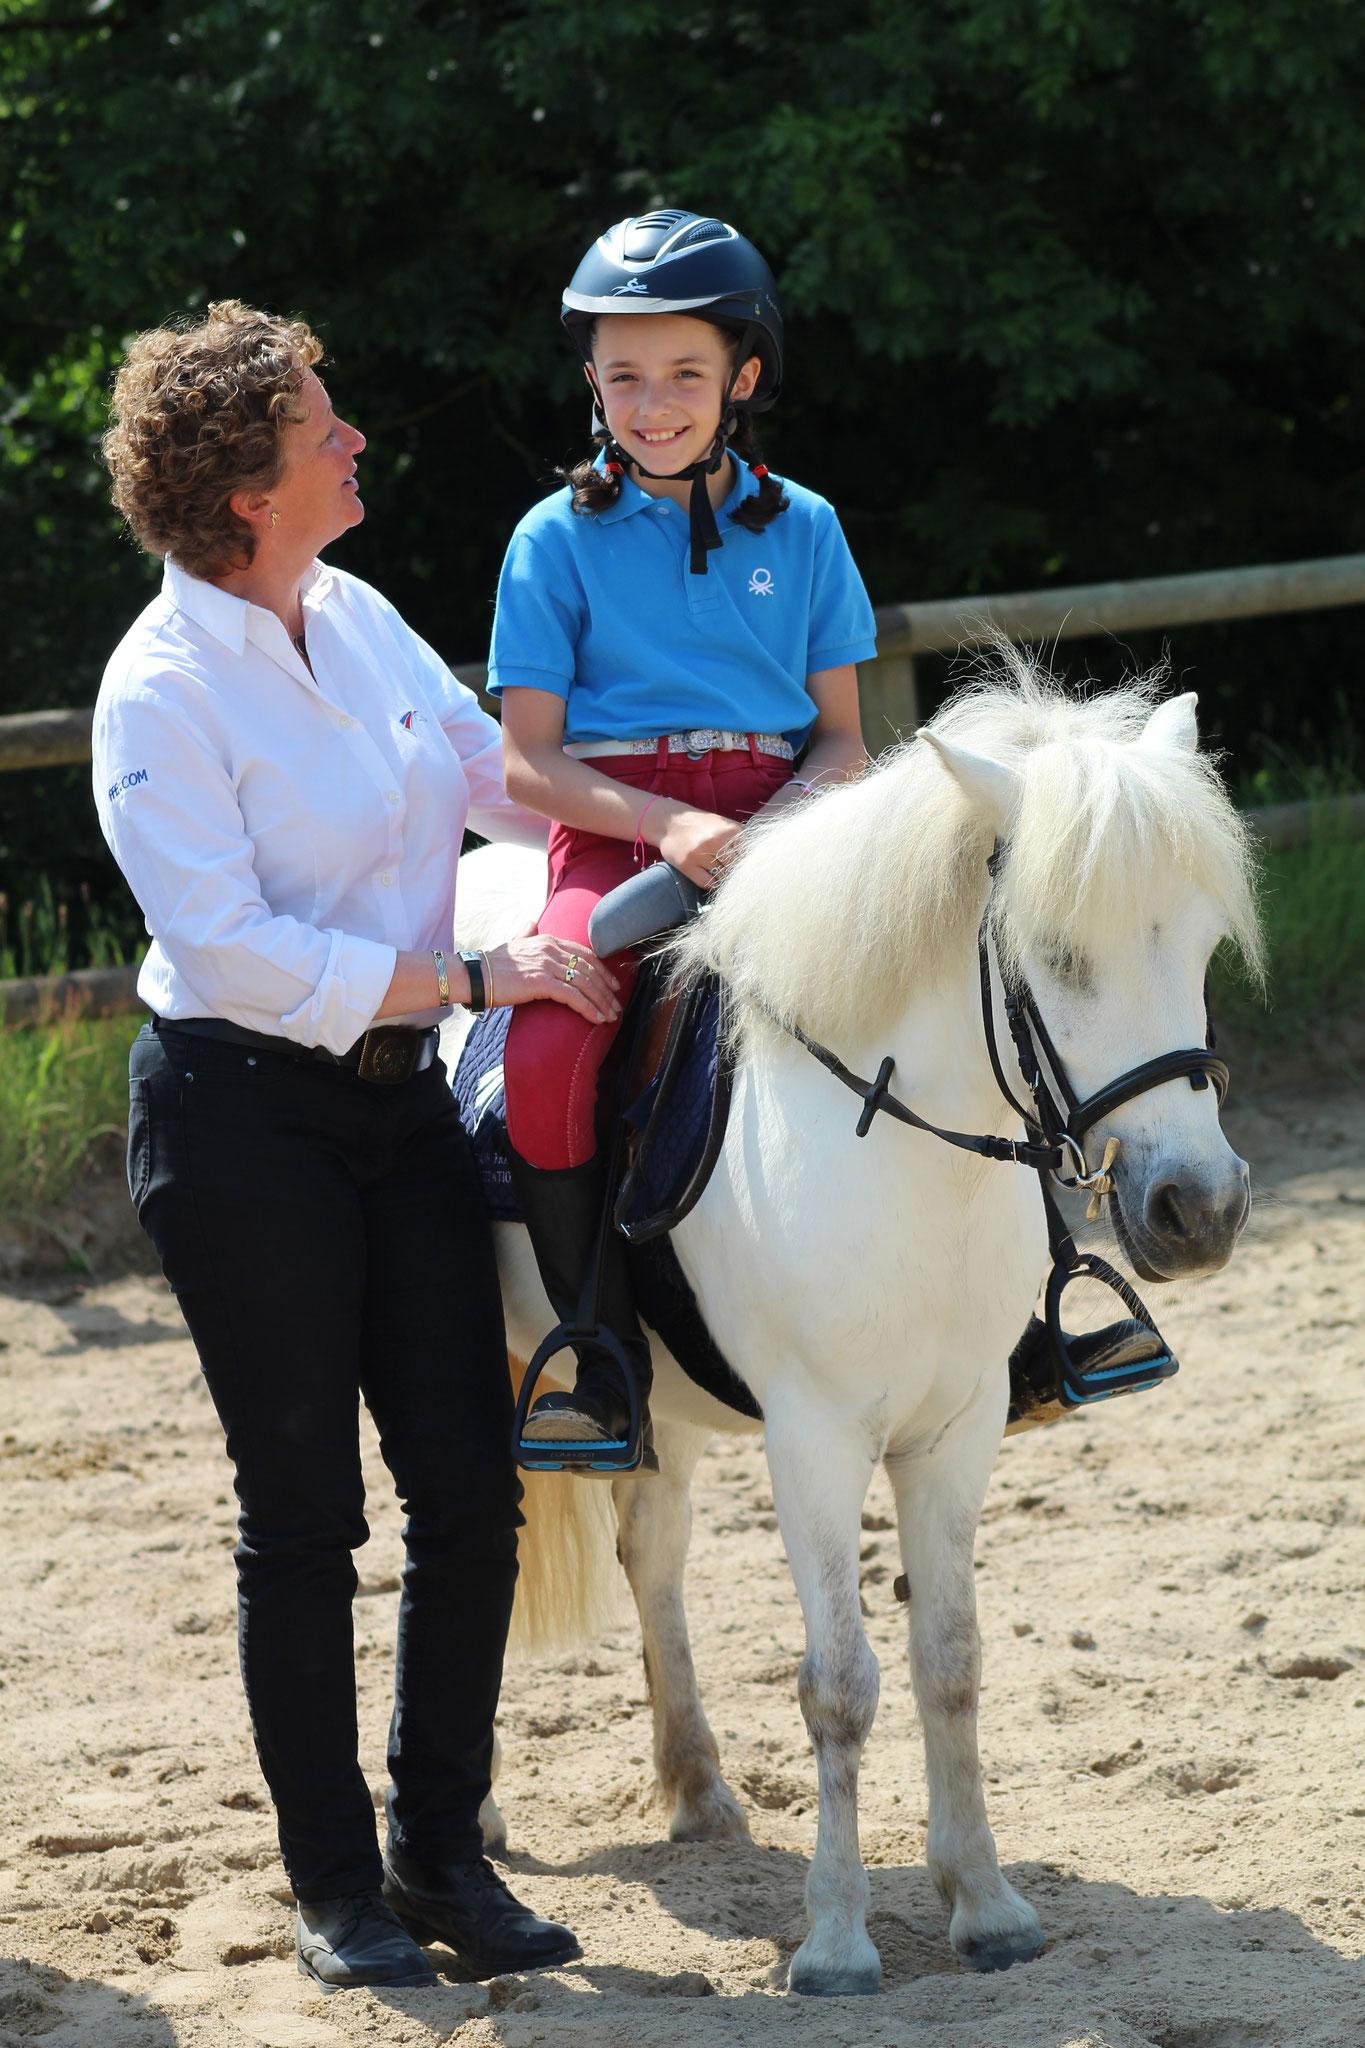 Les Écoles Françaises d'équitation en Région Centre-Val de Loire vous accueillent